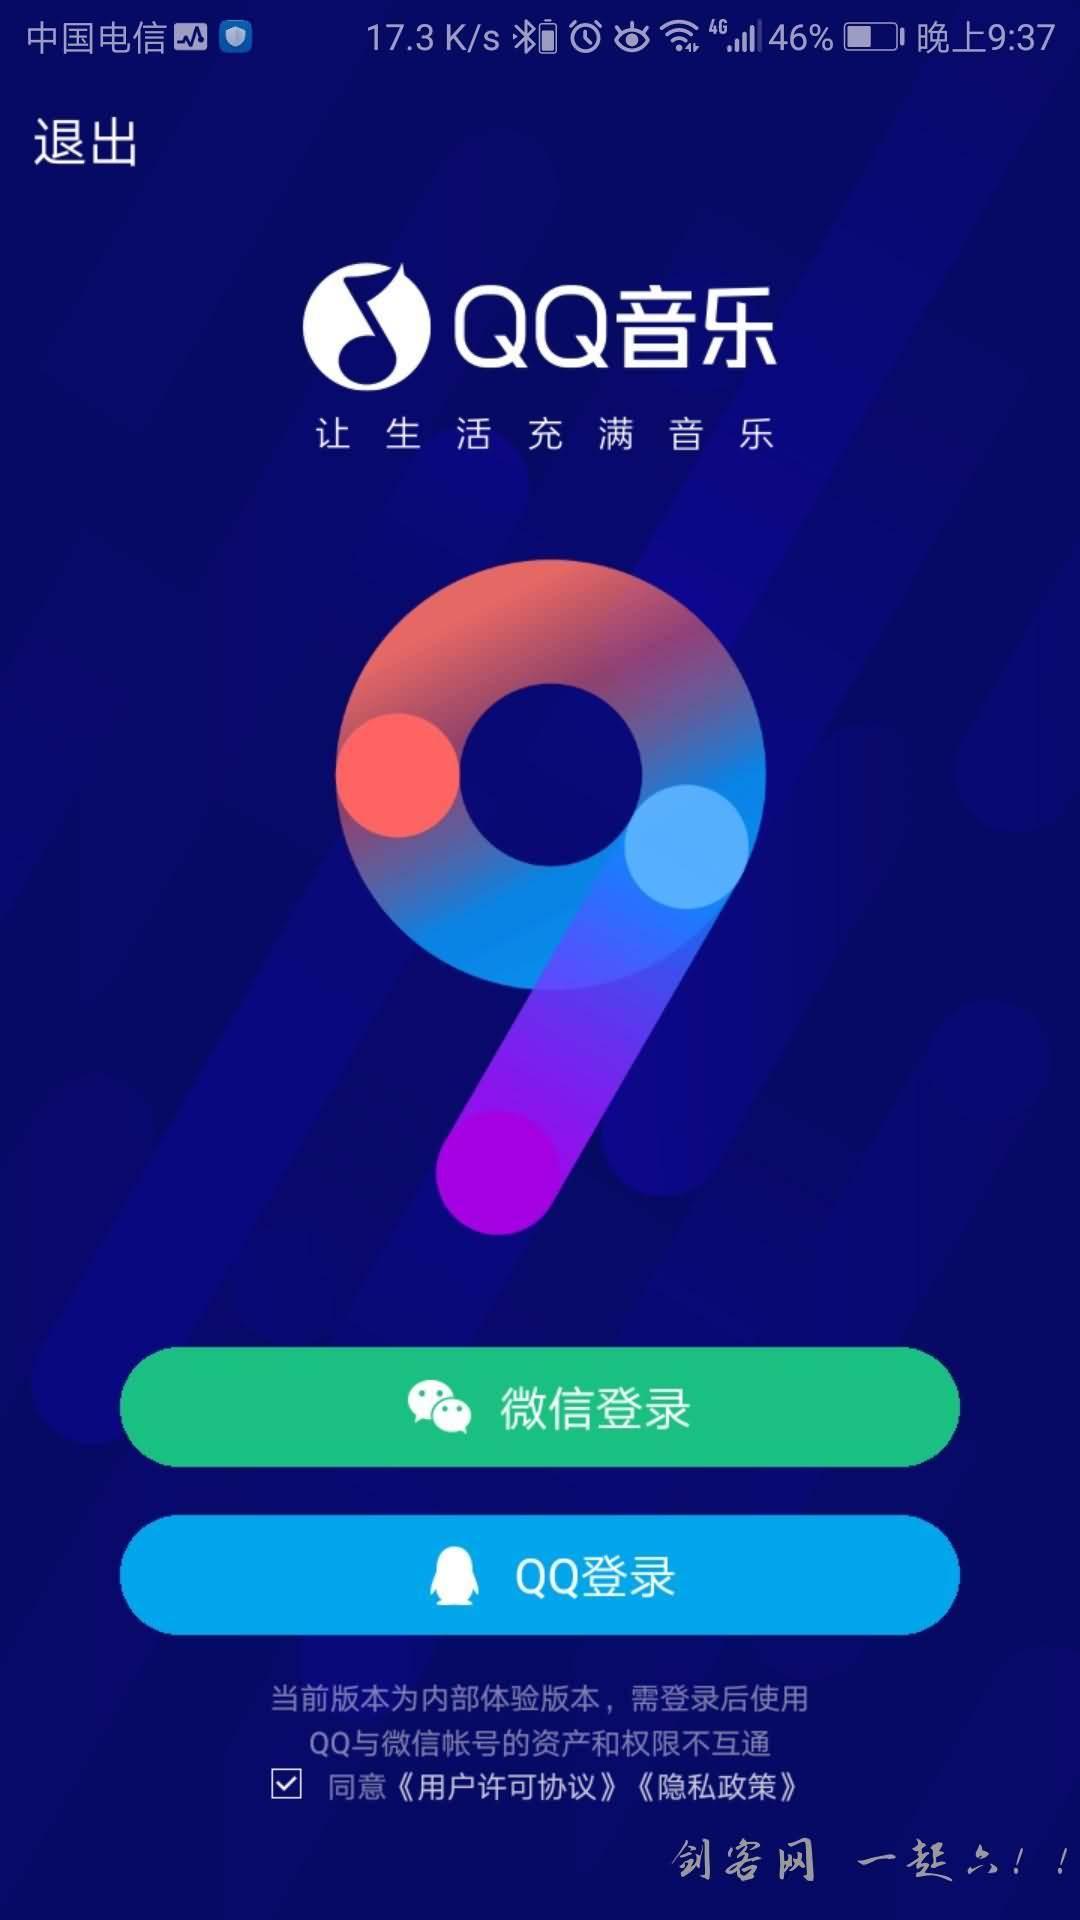 安卓QQ音乐9.0.0.6内测版